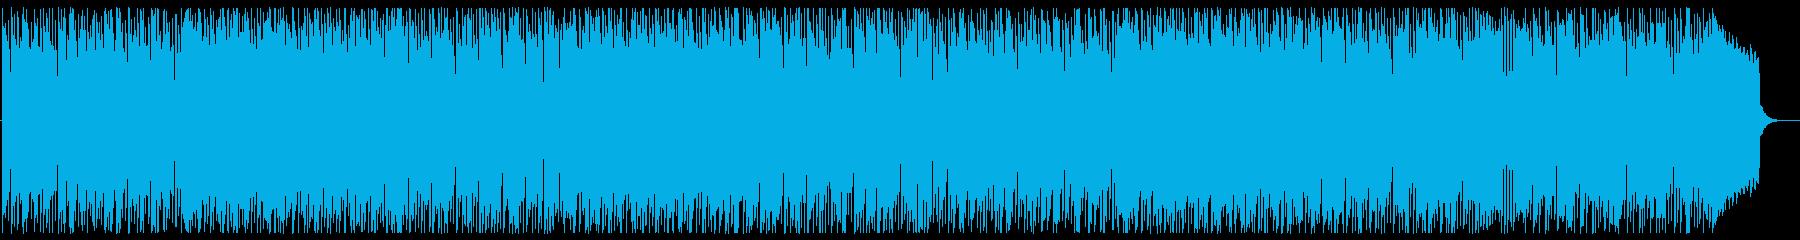 お洒落でメリハリあるメロディーの再生済みの波形